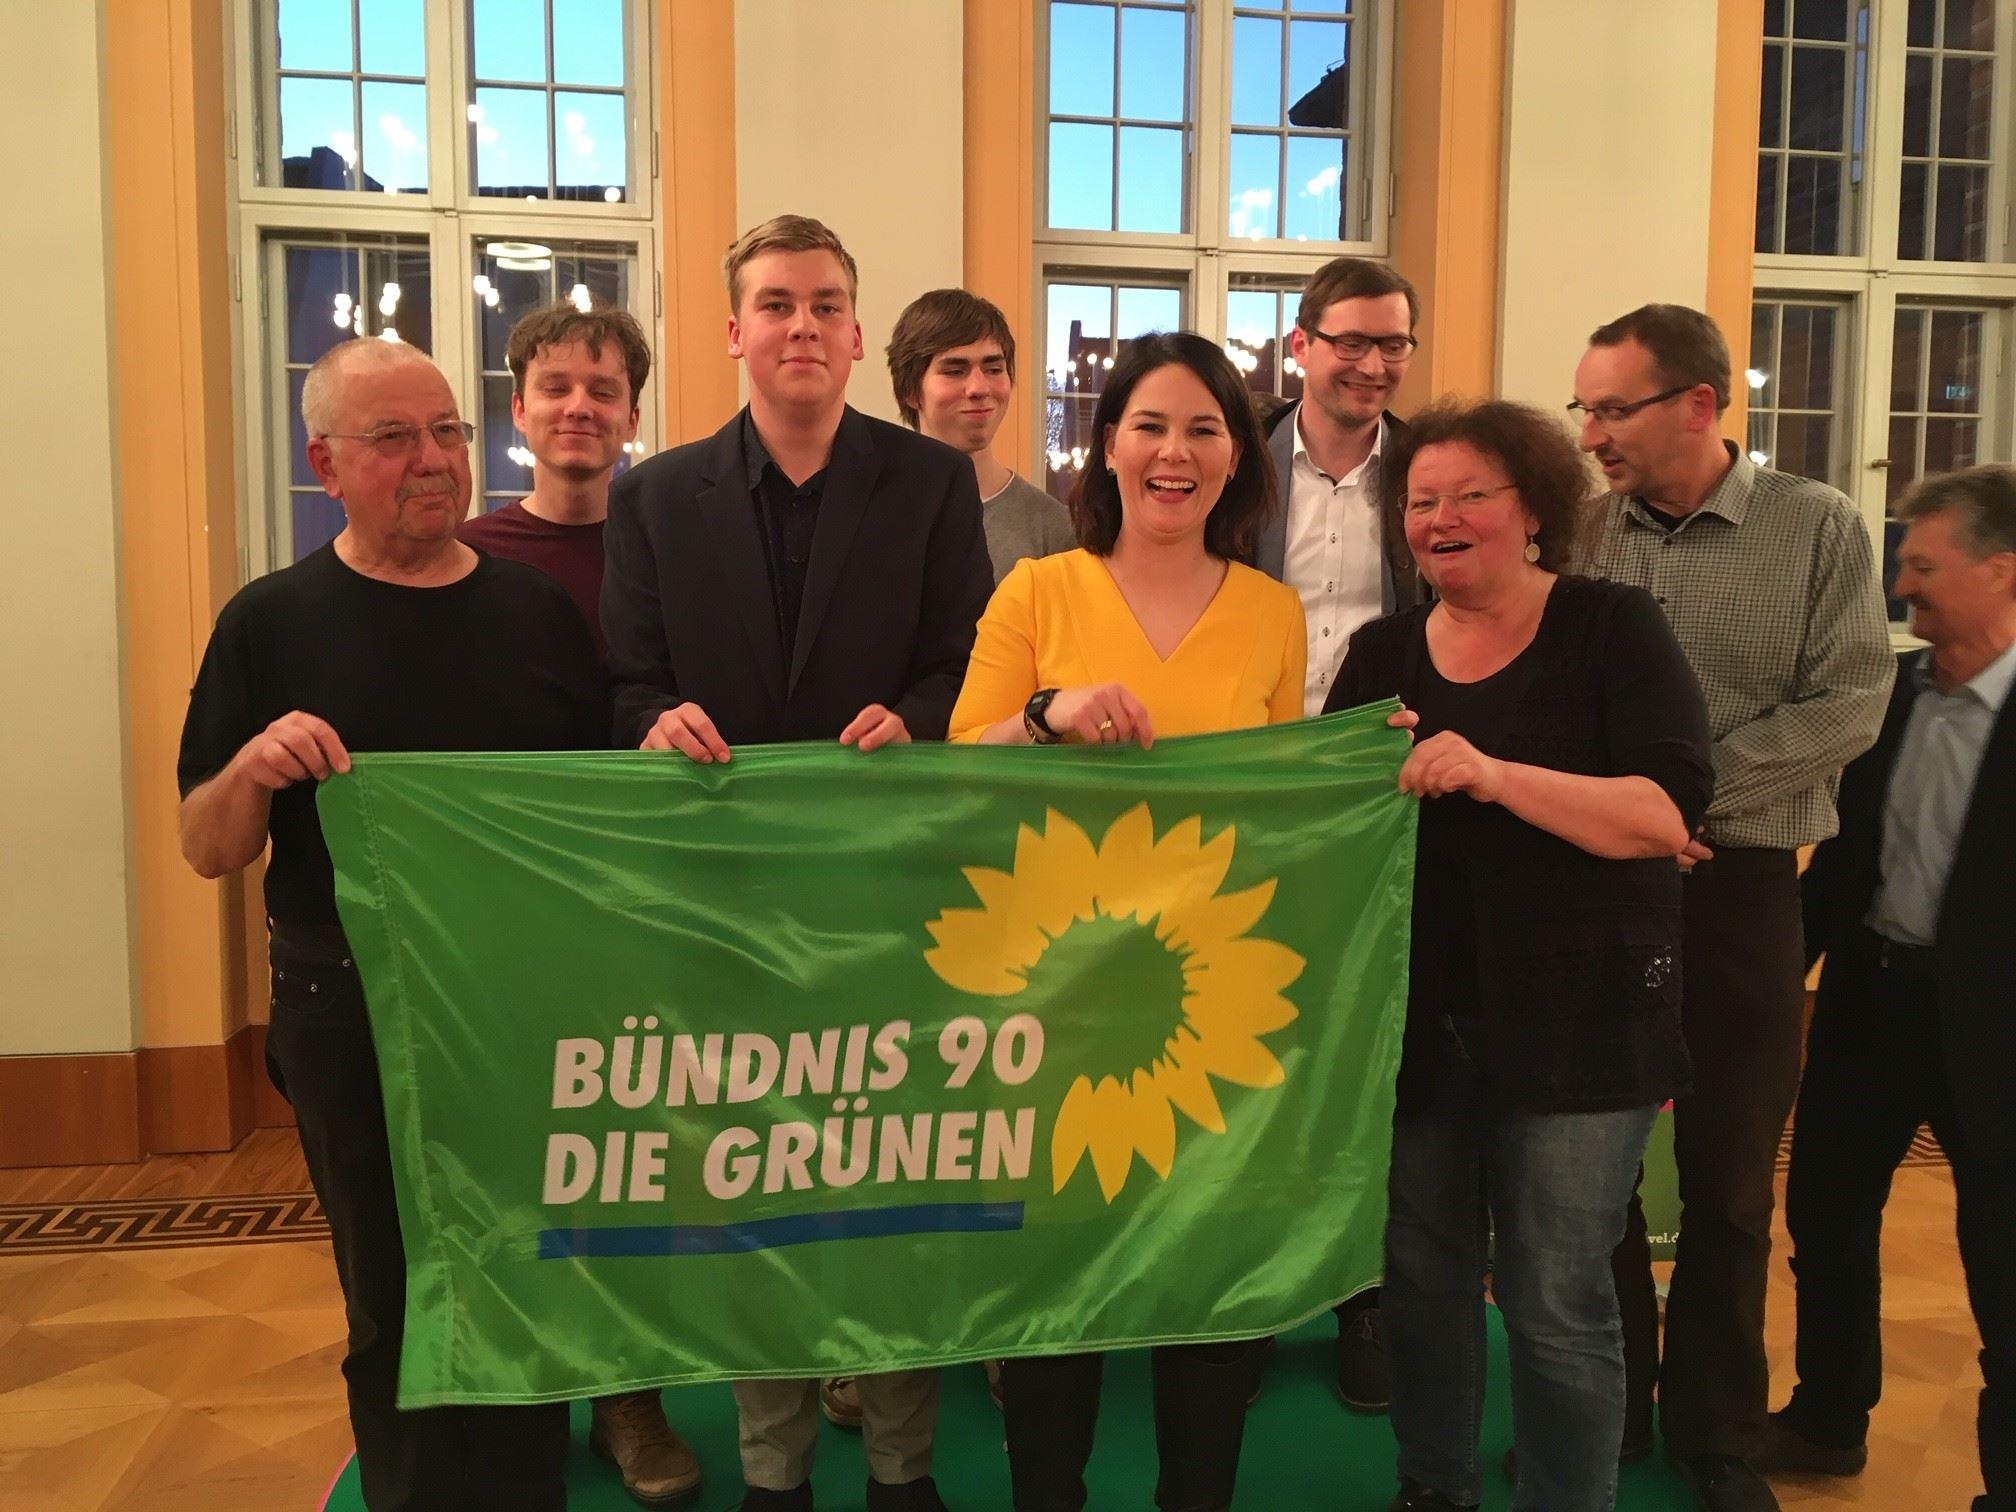 德國綠黨是否在反緊縮政策中紮根美國?